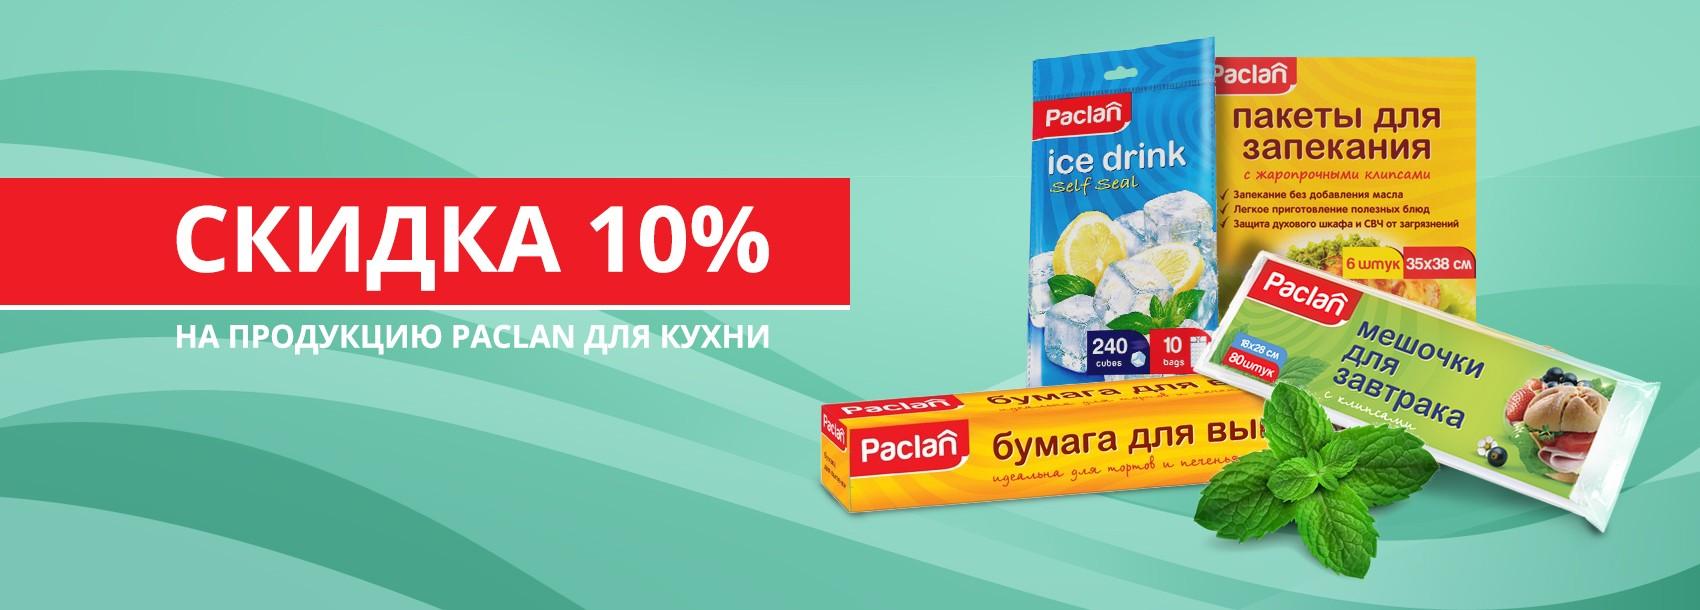 Скидка 10% на продукцию Paclan для кухни